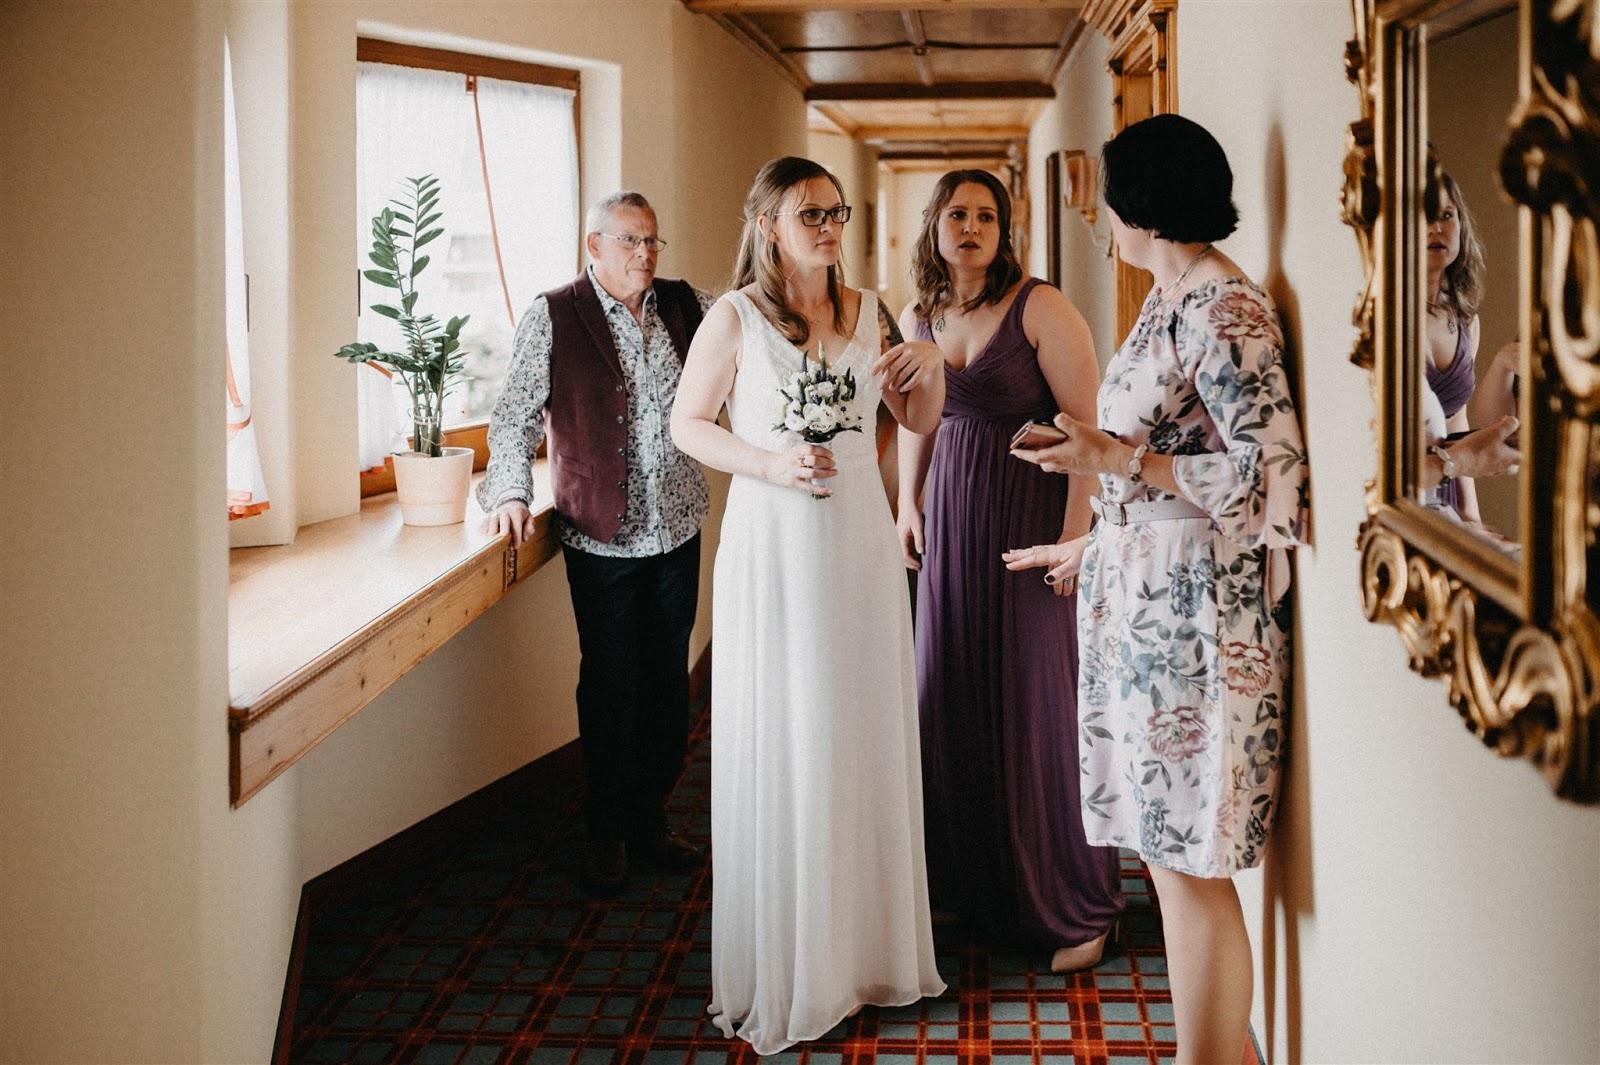 Mountain wedding, Berghochzeit, destination wedding Bavaria, Wallgau, photo credit Magnus Winterholler Gipfelliebe, wedding planner Uschi Glas 4 weddings & events